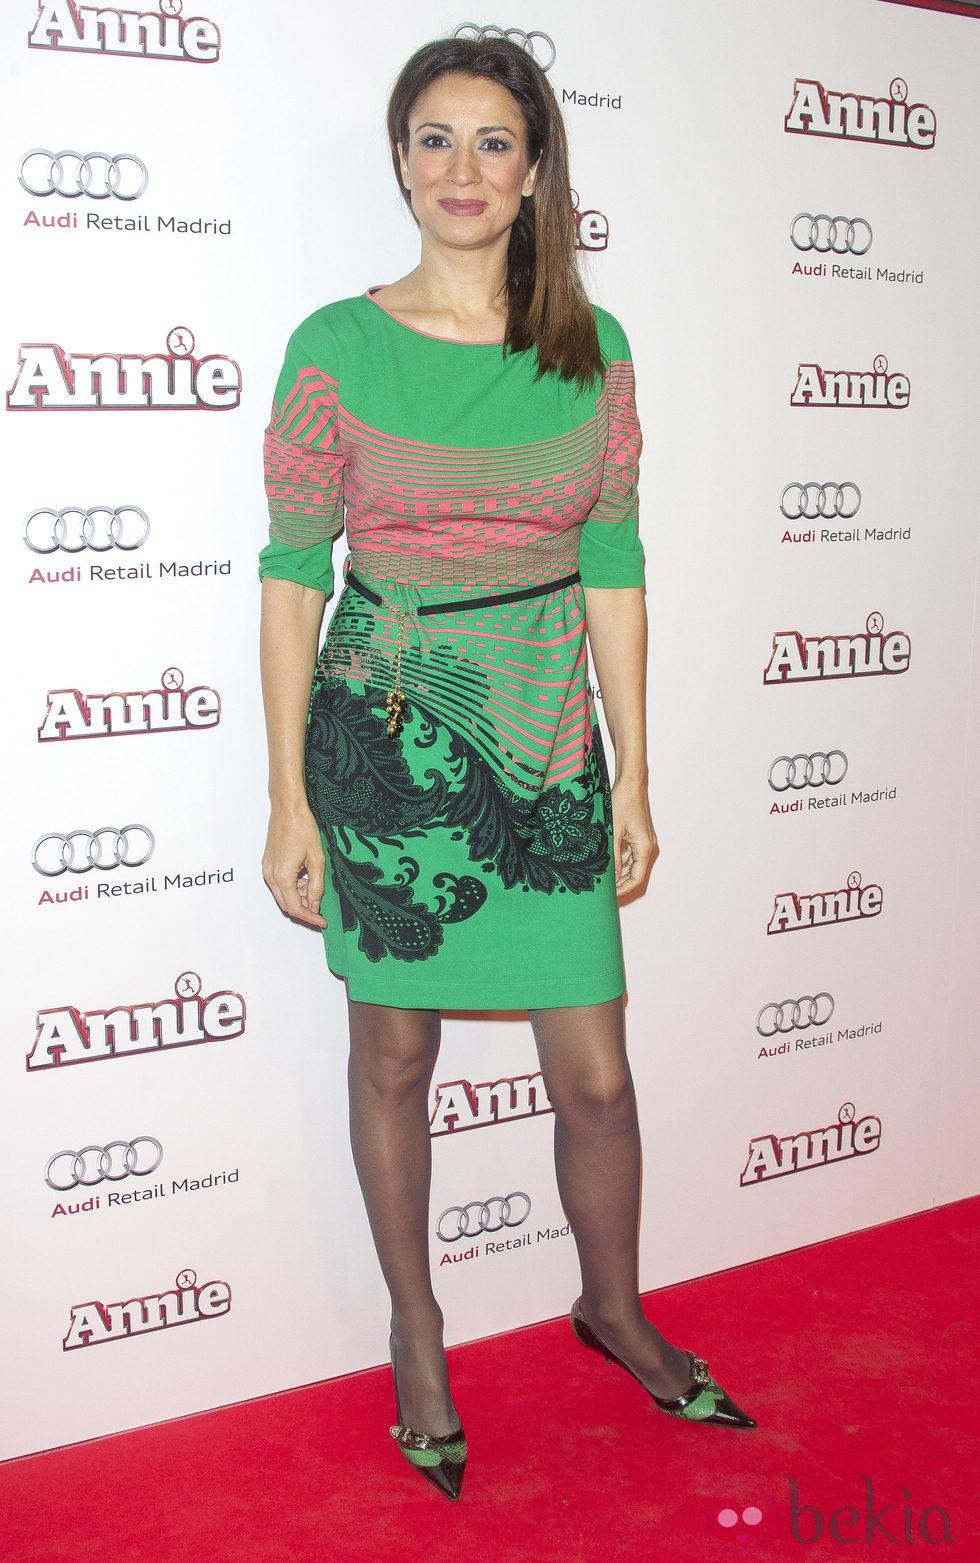 Silvia Jato en la premiere de 'Annie' en Madrid